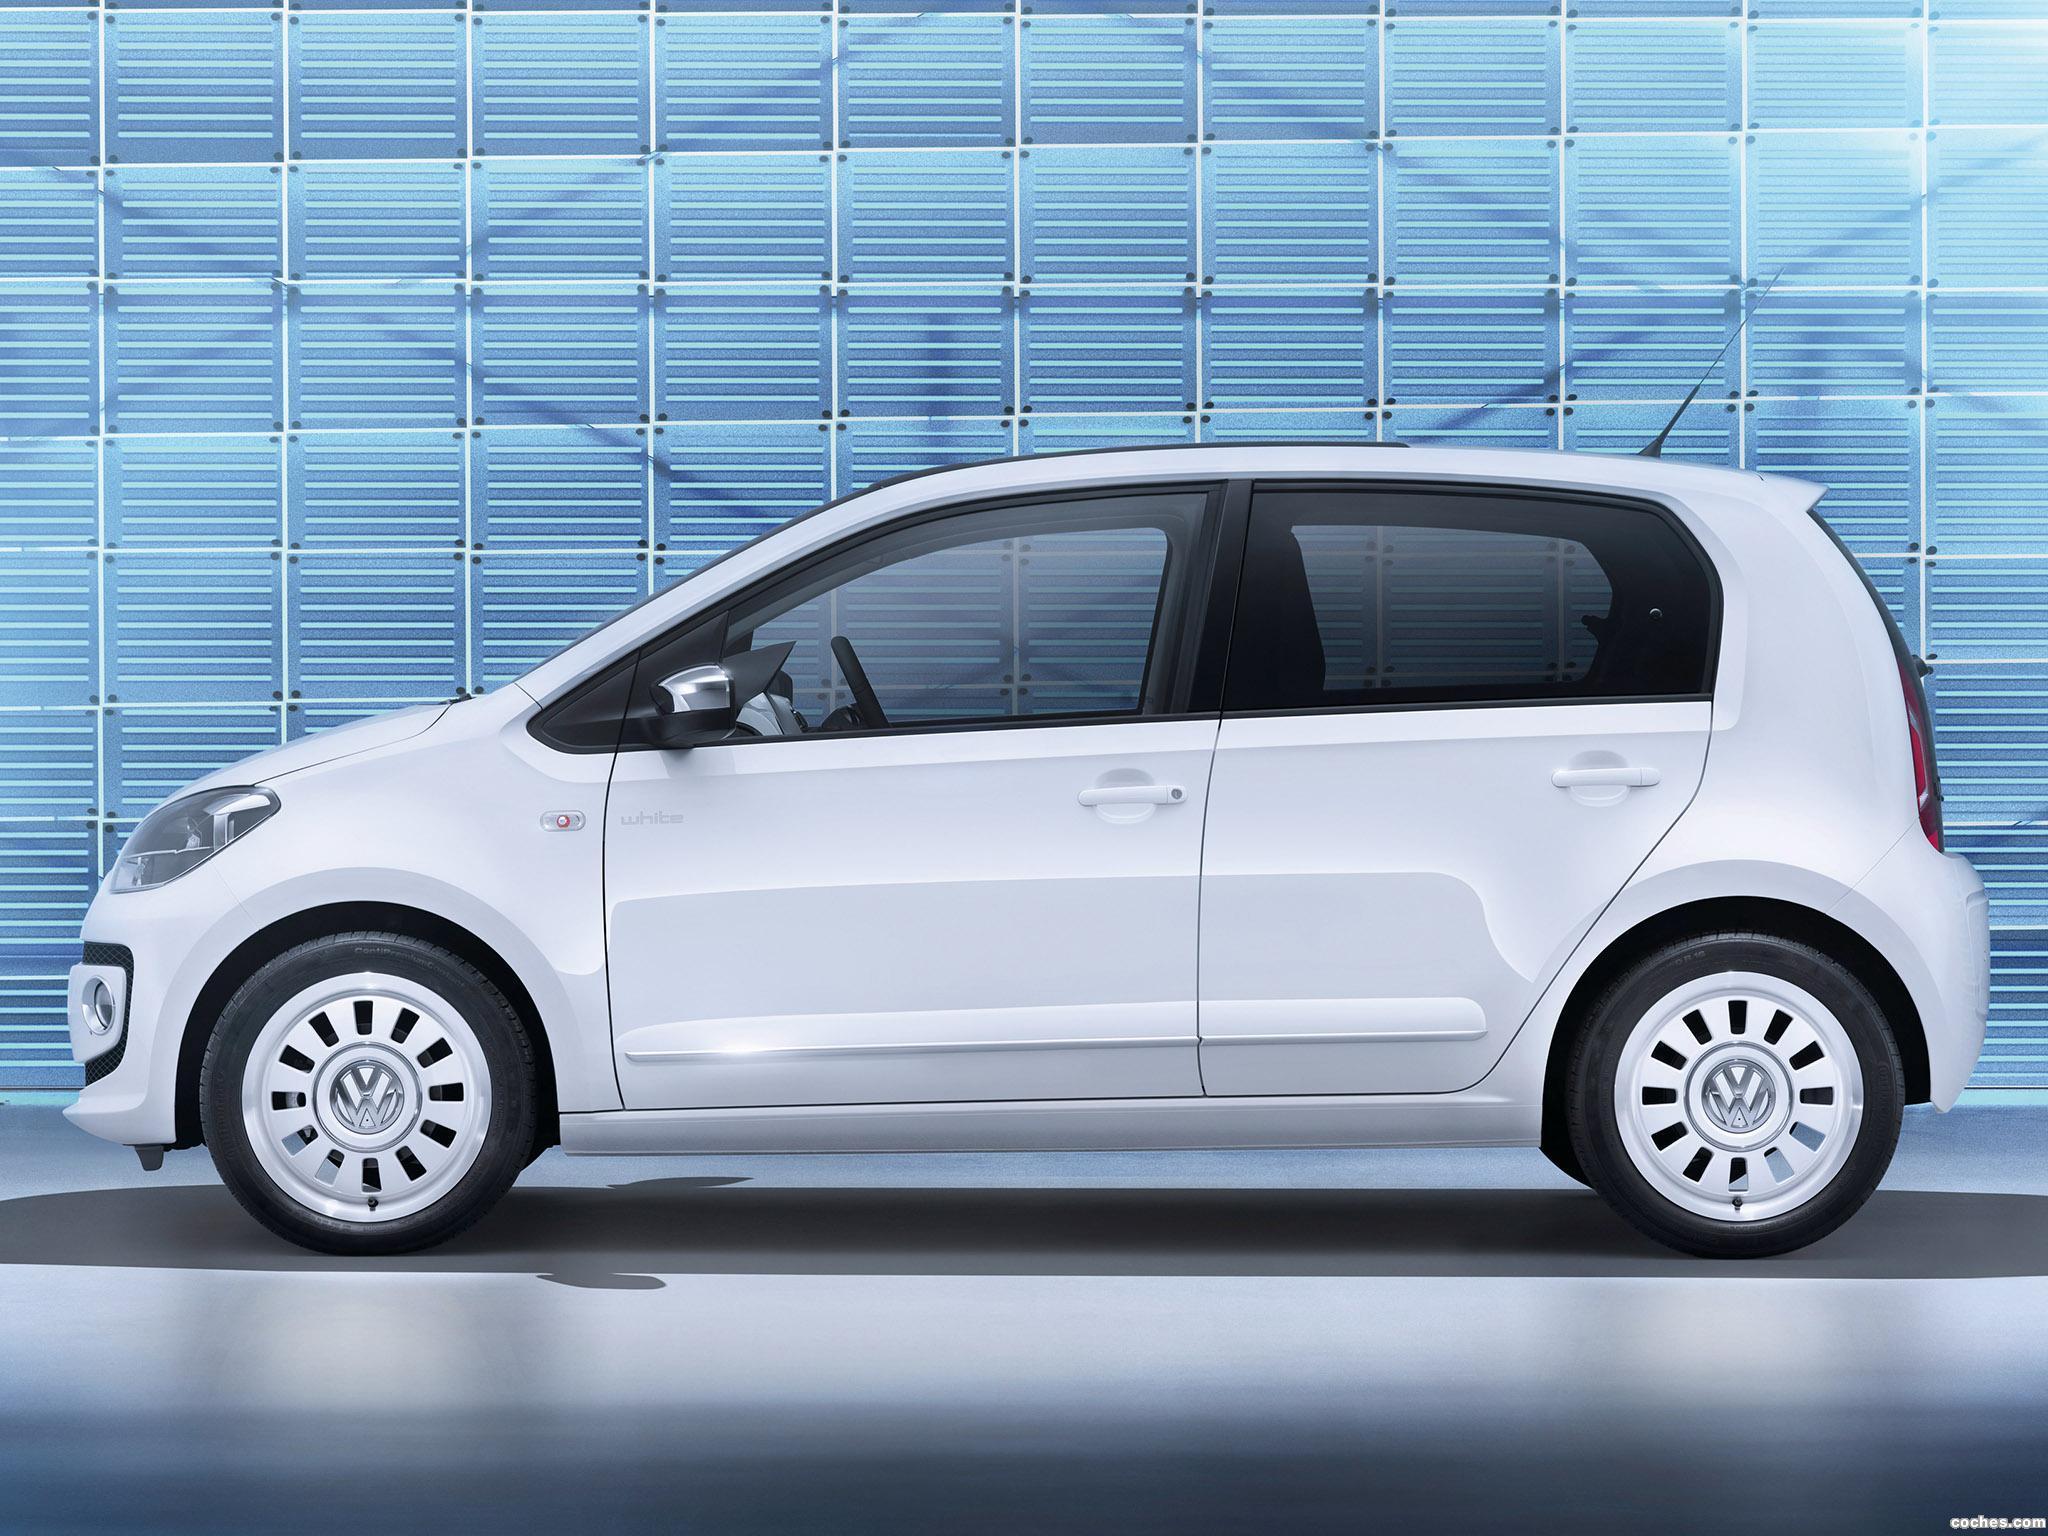 Foto 12 de Volkswagen Up! White 5 puertas 2012